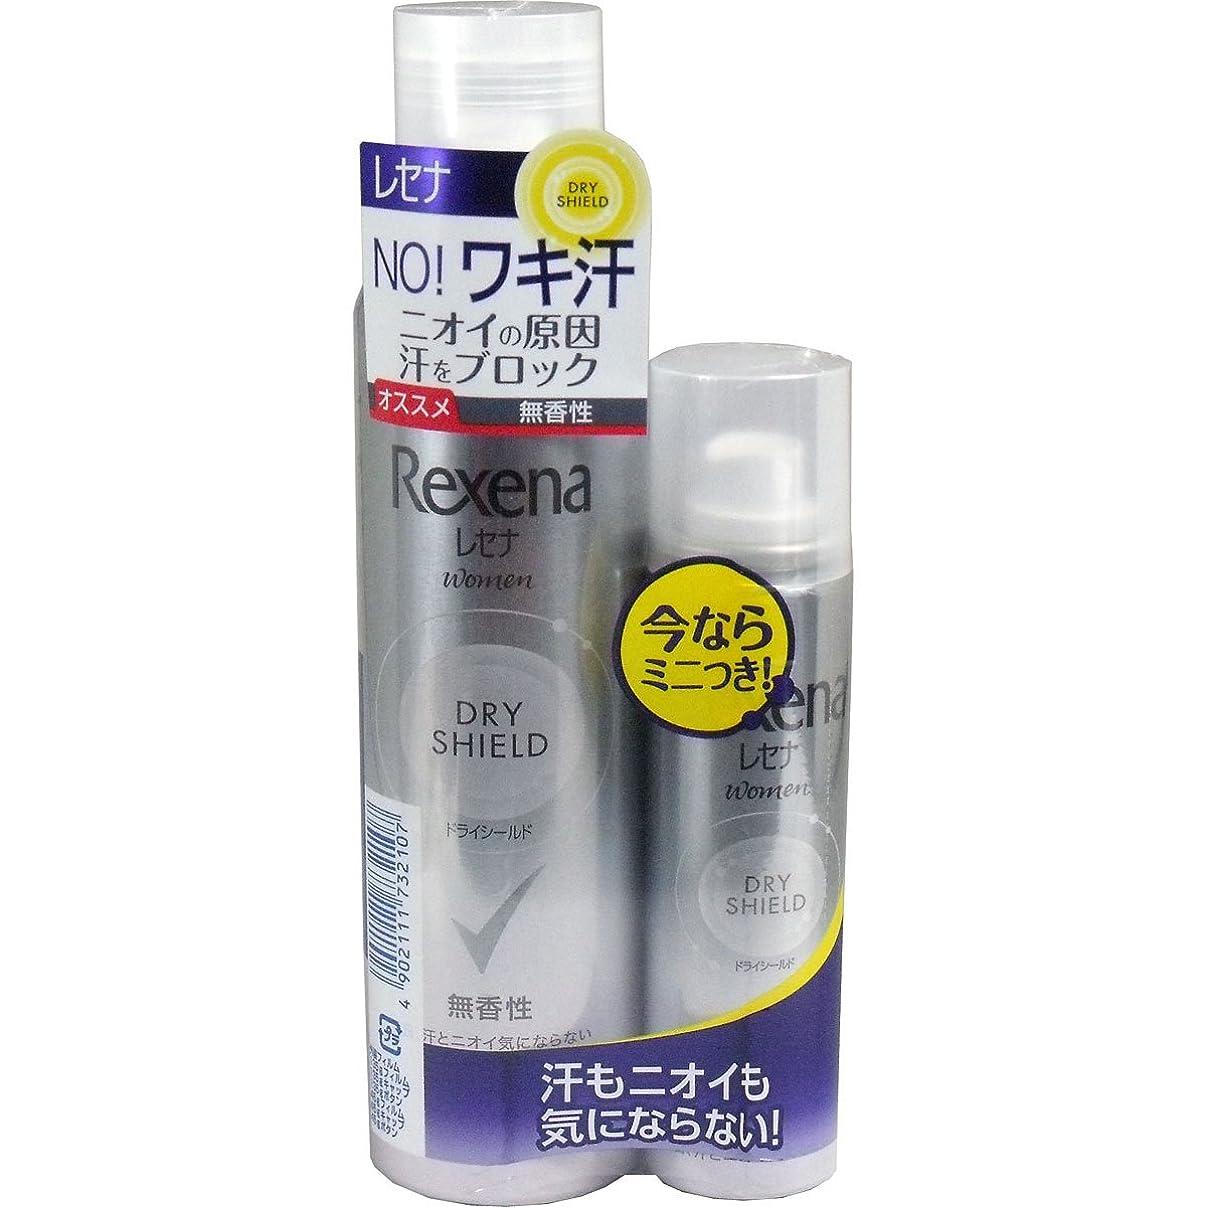 マグバイパスずるいレセナ ドライシールドパウダースプレー 無香性 135g+(おまけ45g付き)